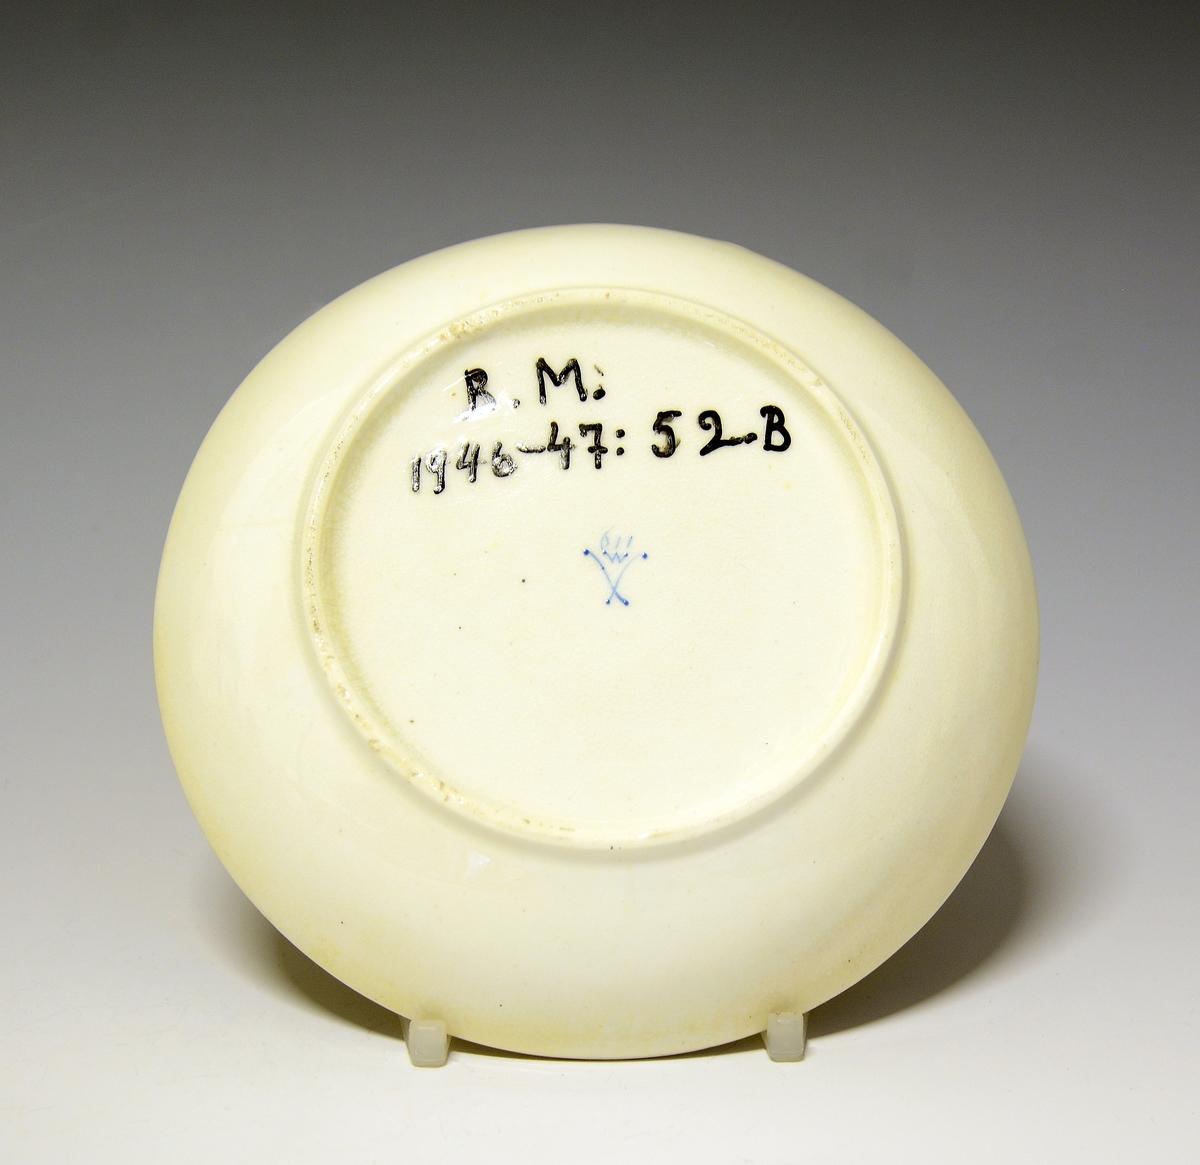 Fra protokollen:  Koppestell, 12 skaalir, 11 koppar (se A-L; registrert 1 kopp og 1 skål på hver bokstav, med unntak av L, som bare er skål). Alle same type og med same merke, men nokre kvite, andre gulvorne i glasuren. Kvart par med sereigne teikningar, motiv: landskap med hyttur, hus, borgliknande bygningar. Høgd, kopp 6 cm, tvermaal kopp ikr. 8,3 cm, skaal 14 cm. (Sume stekkir i, ein med skar).